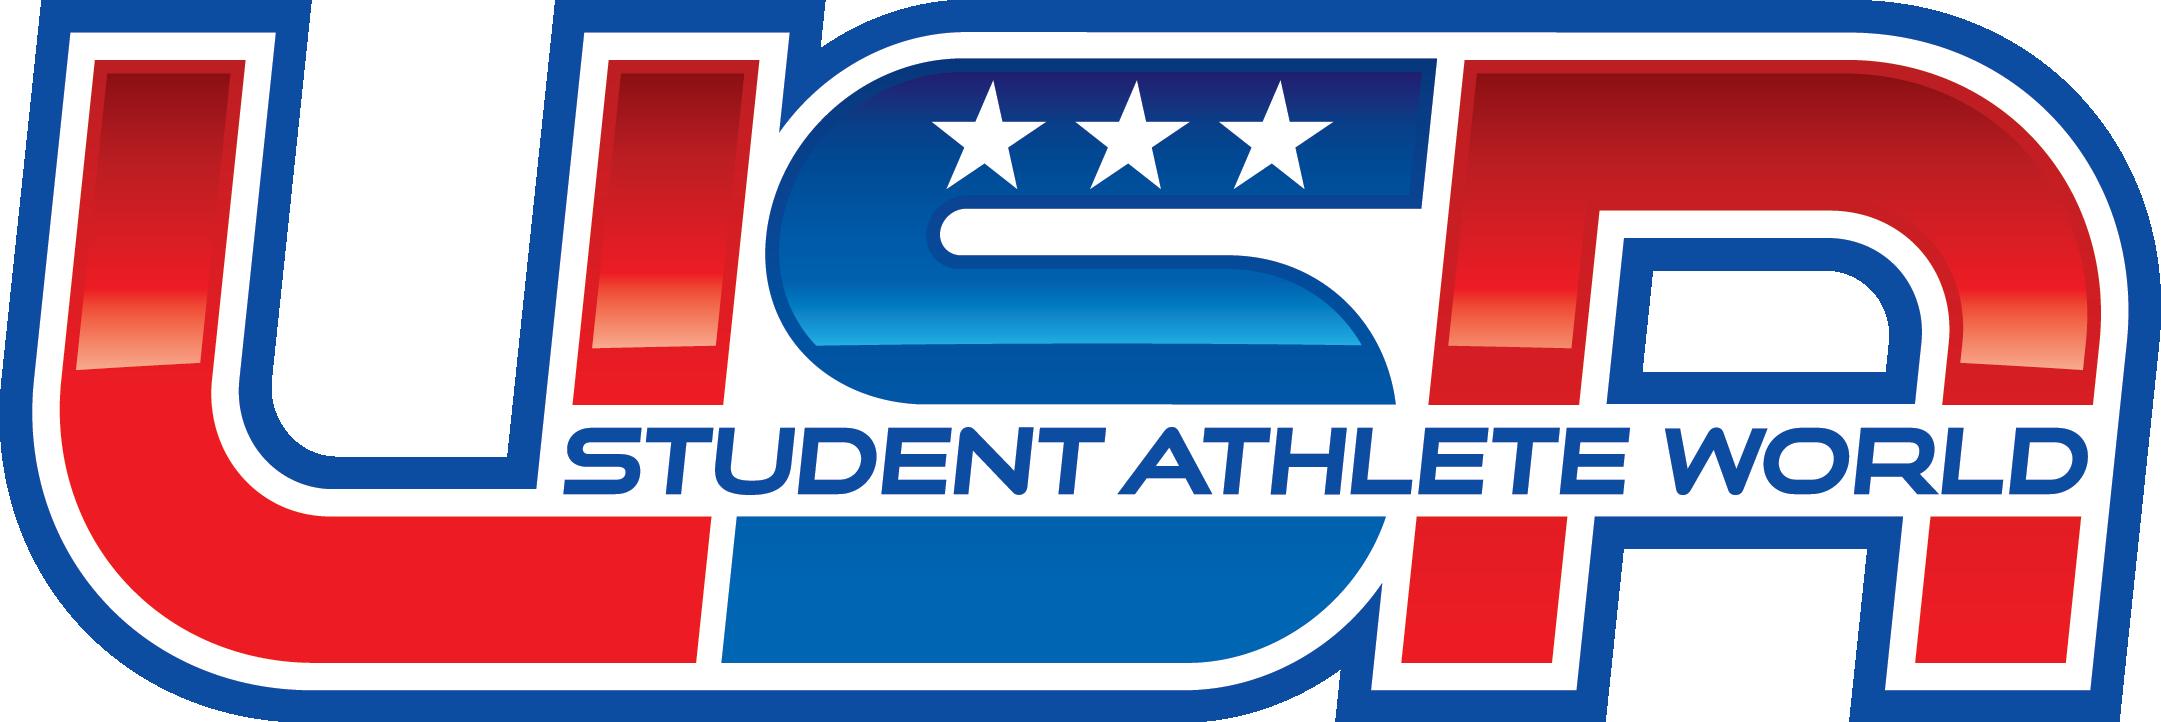 Student Athlete World Logo - October 2018 Newsletter